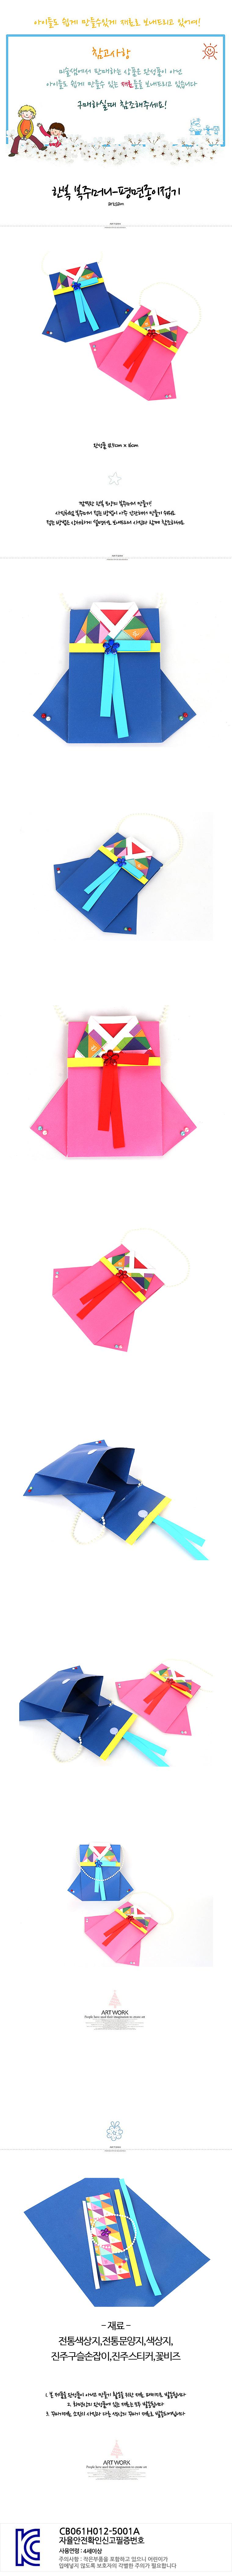 한복복주머니-평면종이접기 5인용 - 미술샘, 7,500원, 종이공예/북아트, 종이공예 패키지